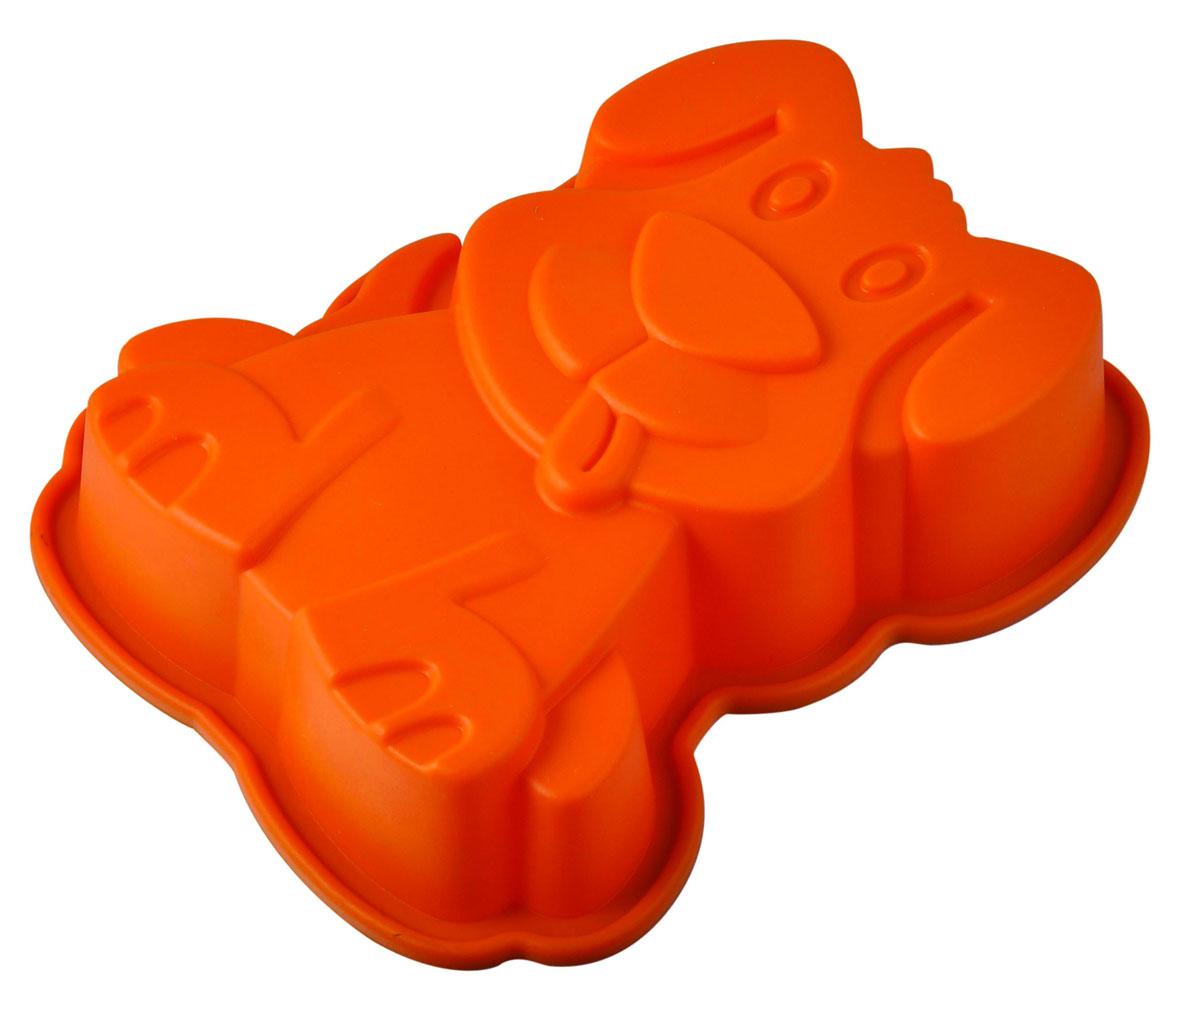 Форма для выпечки и заморозки Regent Inox Пёс Барбос, силиконовая, цвет: оранжевый, 20 х 17 х 4,5 см93-SI-FO-75Форма для выпечки и заморозки Пёс Барбос выполнена из силикона и предназначена для изготовления выпечки, конфет, мармелада, желе, льда и даже мыла. С помощью формы в виде забавной собачки любой день можно превратить в праздник и порадовать детей.Силиконовые формы выдерживают высокие и низкие температуры (от -40°С до +230°С). Они эластичны, износостойки, легко моются, не горят и не тлеют, не впитывают запахи, не оставляют пятен. Силикон абсолютно безвреден для здоровья.Не используйте моющие средства, содержащие абразивы. Можно мыть в посудомоечной машине. Подходит для использования во всех типах печей. Характеристики:Материал: силикон. Общий размер формы: 20 см х 17 см х 4,5 см. Размер упаковки: 28,5 см х 19,5 см х 5 см. Изготовитель: Италия. Артикул: 93-SI-FO-75.